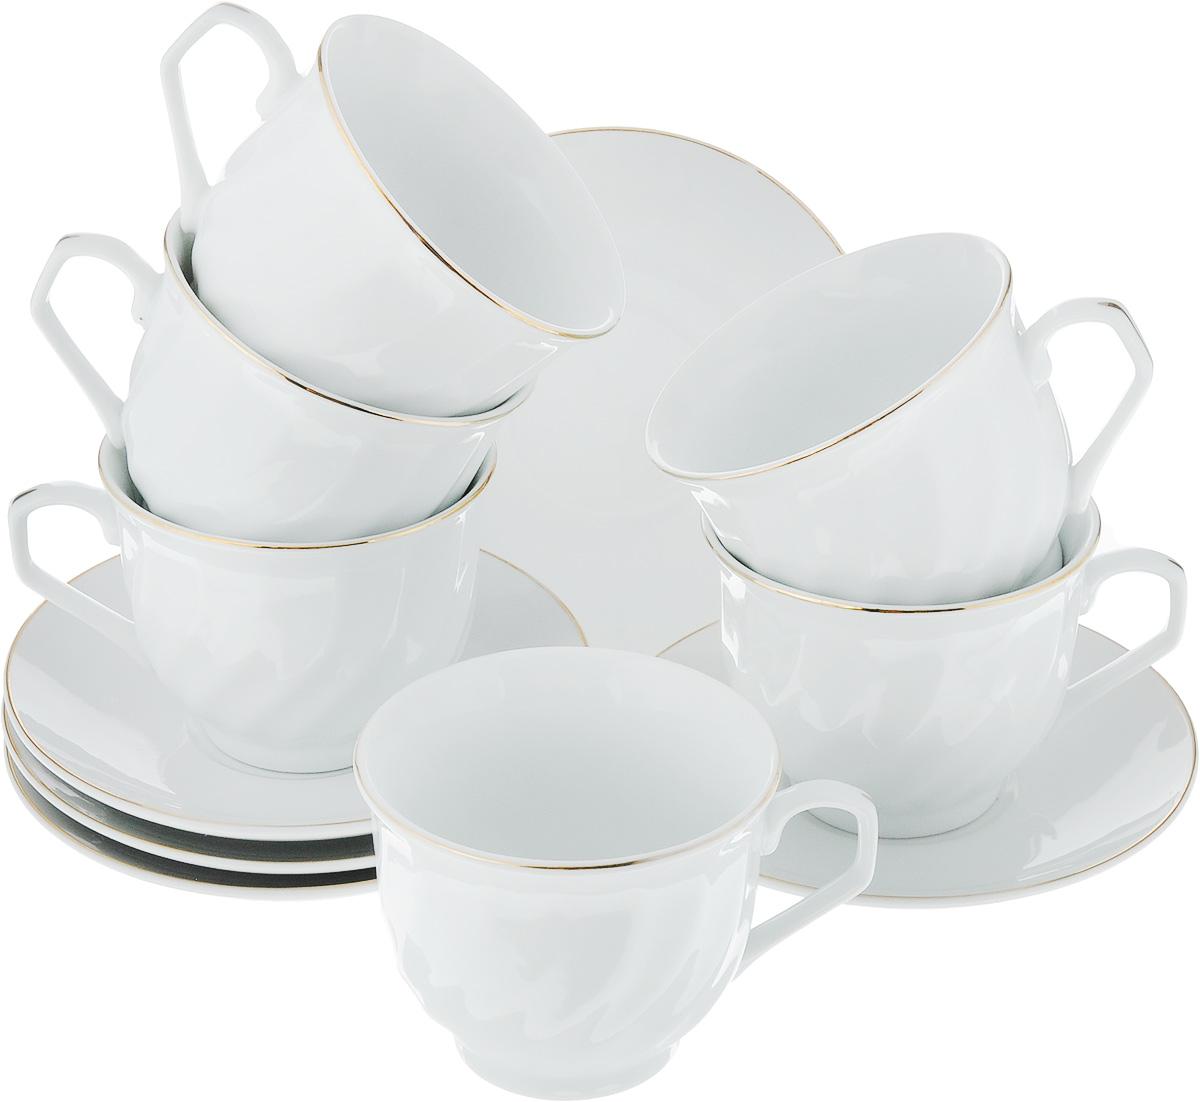 Набор чайный Loraine, 12 предметов. 2561425614Чайный набор Loraine состоит из шести чашек и шести блюдец. Изделия выполнены из высококачественного фарфора и имеют нежный дизайн с золотым декором. Такой набор изящно дополнит сервировку стола к чаепитию. А благодаря оригинальному дизайну и качеству исполнения, он станет замечательным подарком для ваших друзей и близких. Набор упакован в подарочную упаковку.Объем чашки: 220 мл. Диаметр чашки (по верхнему краю): 8,5 см. Высота чашки: 7 см. Диаметр блюдца: 13,5 см.Высота блюдца: 2 см.